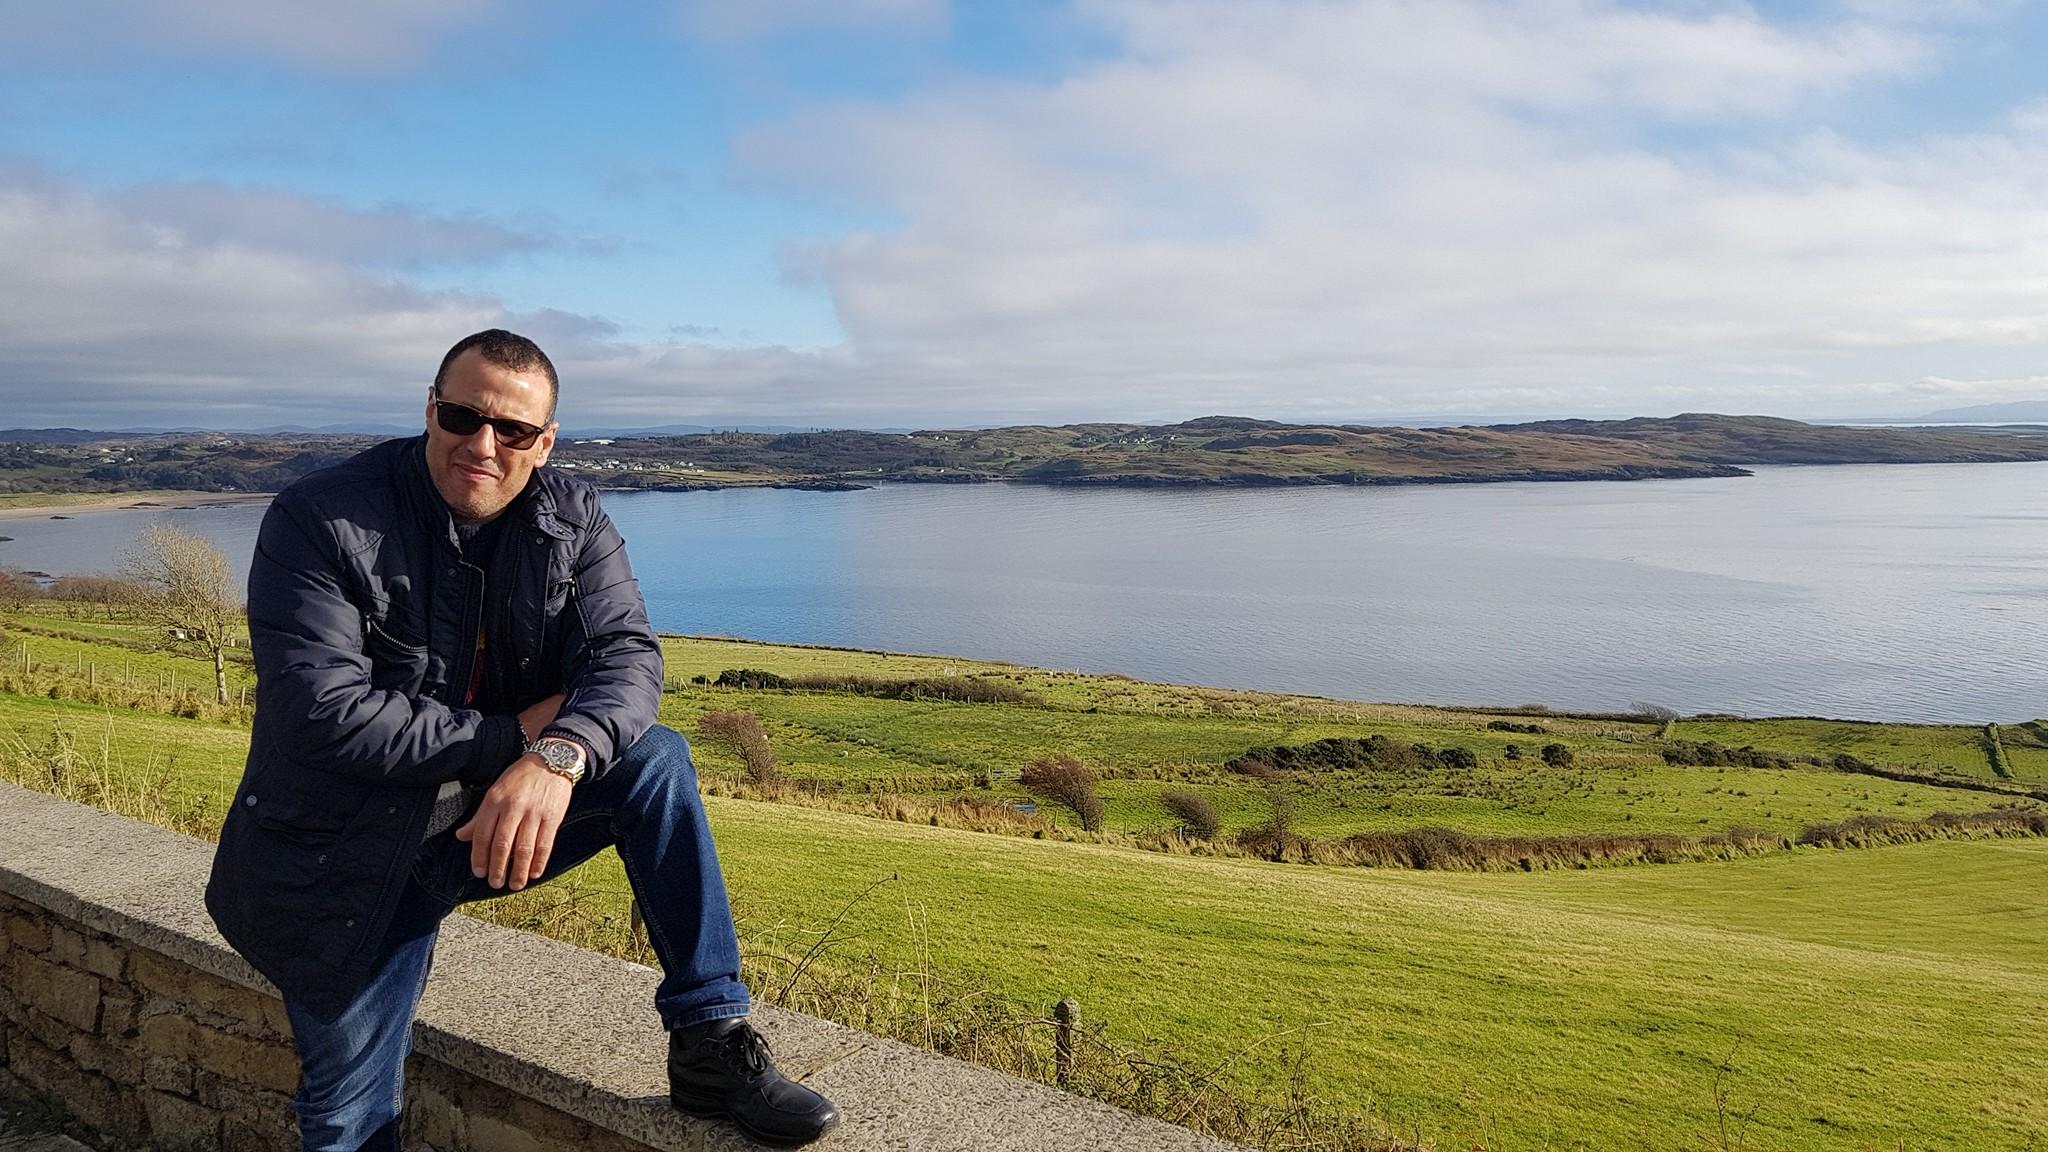 L'avventura irlandese di Arfane